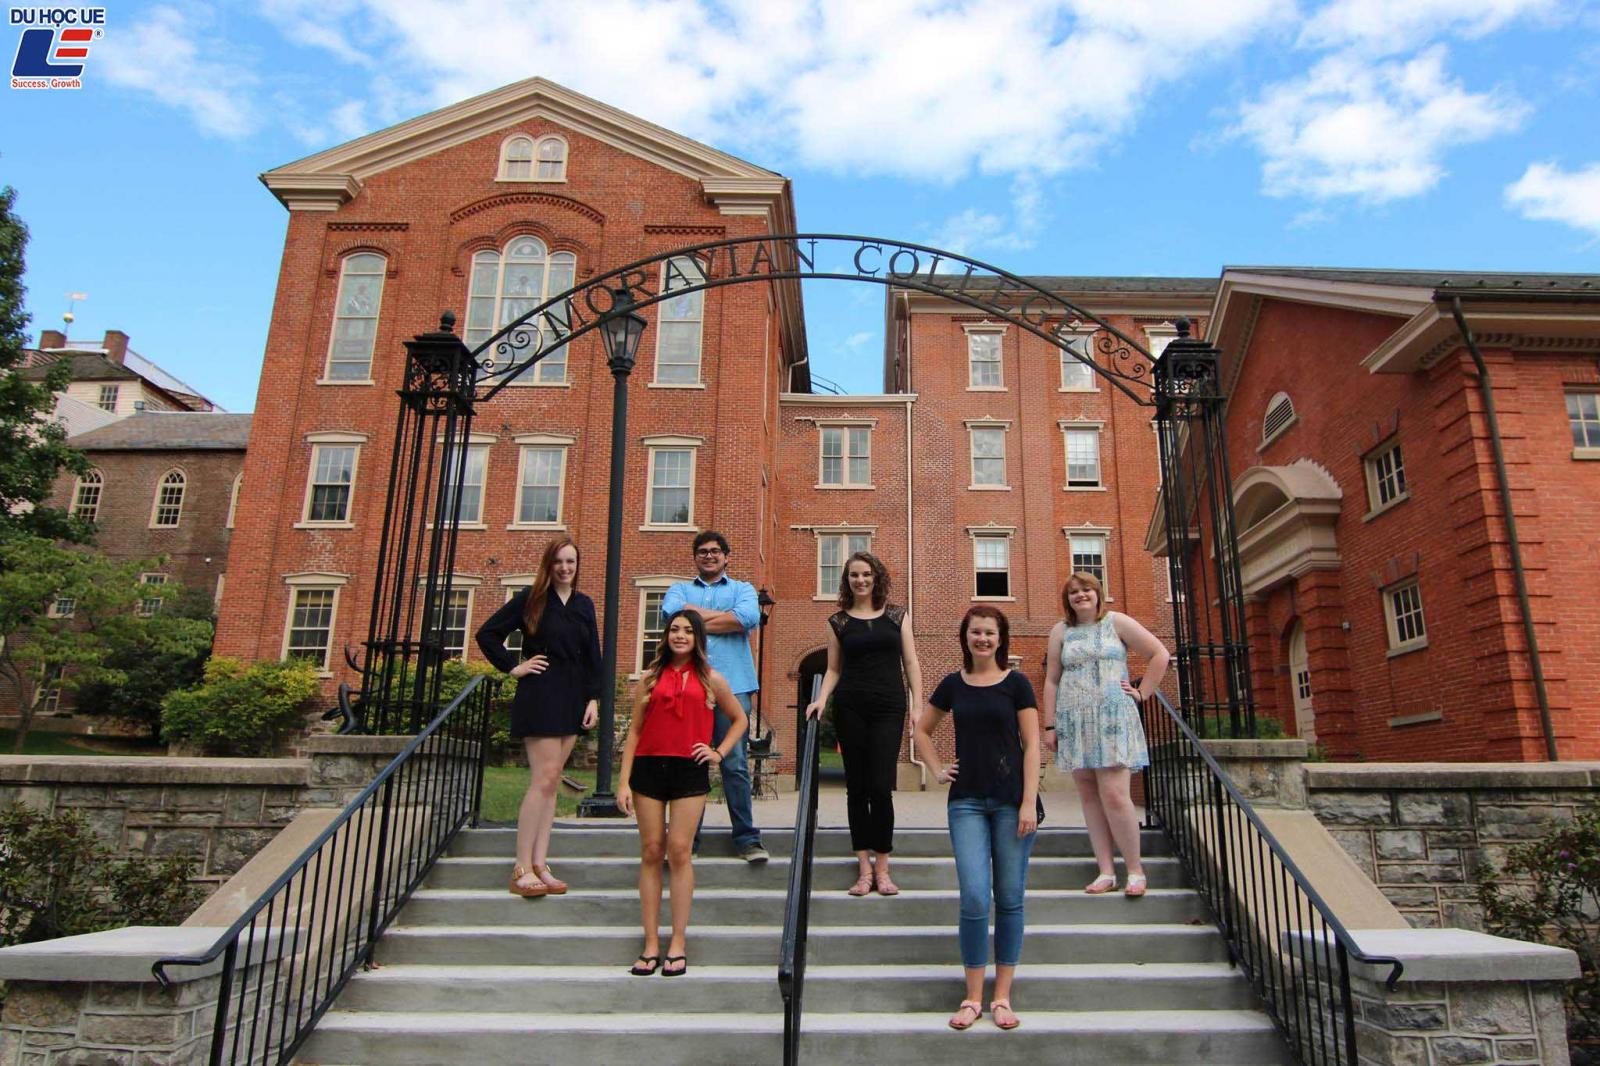 Moravian College - Trường cao đẳng lâu đời bậc nhất xứ sở cờ hoa